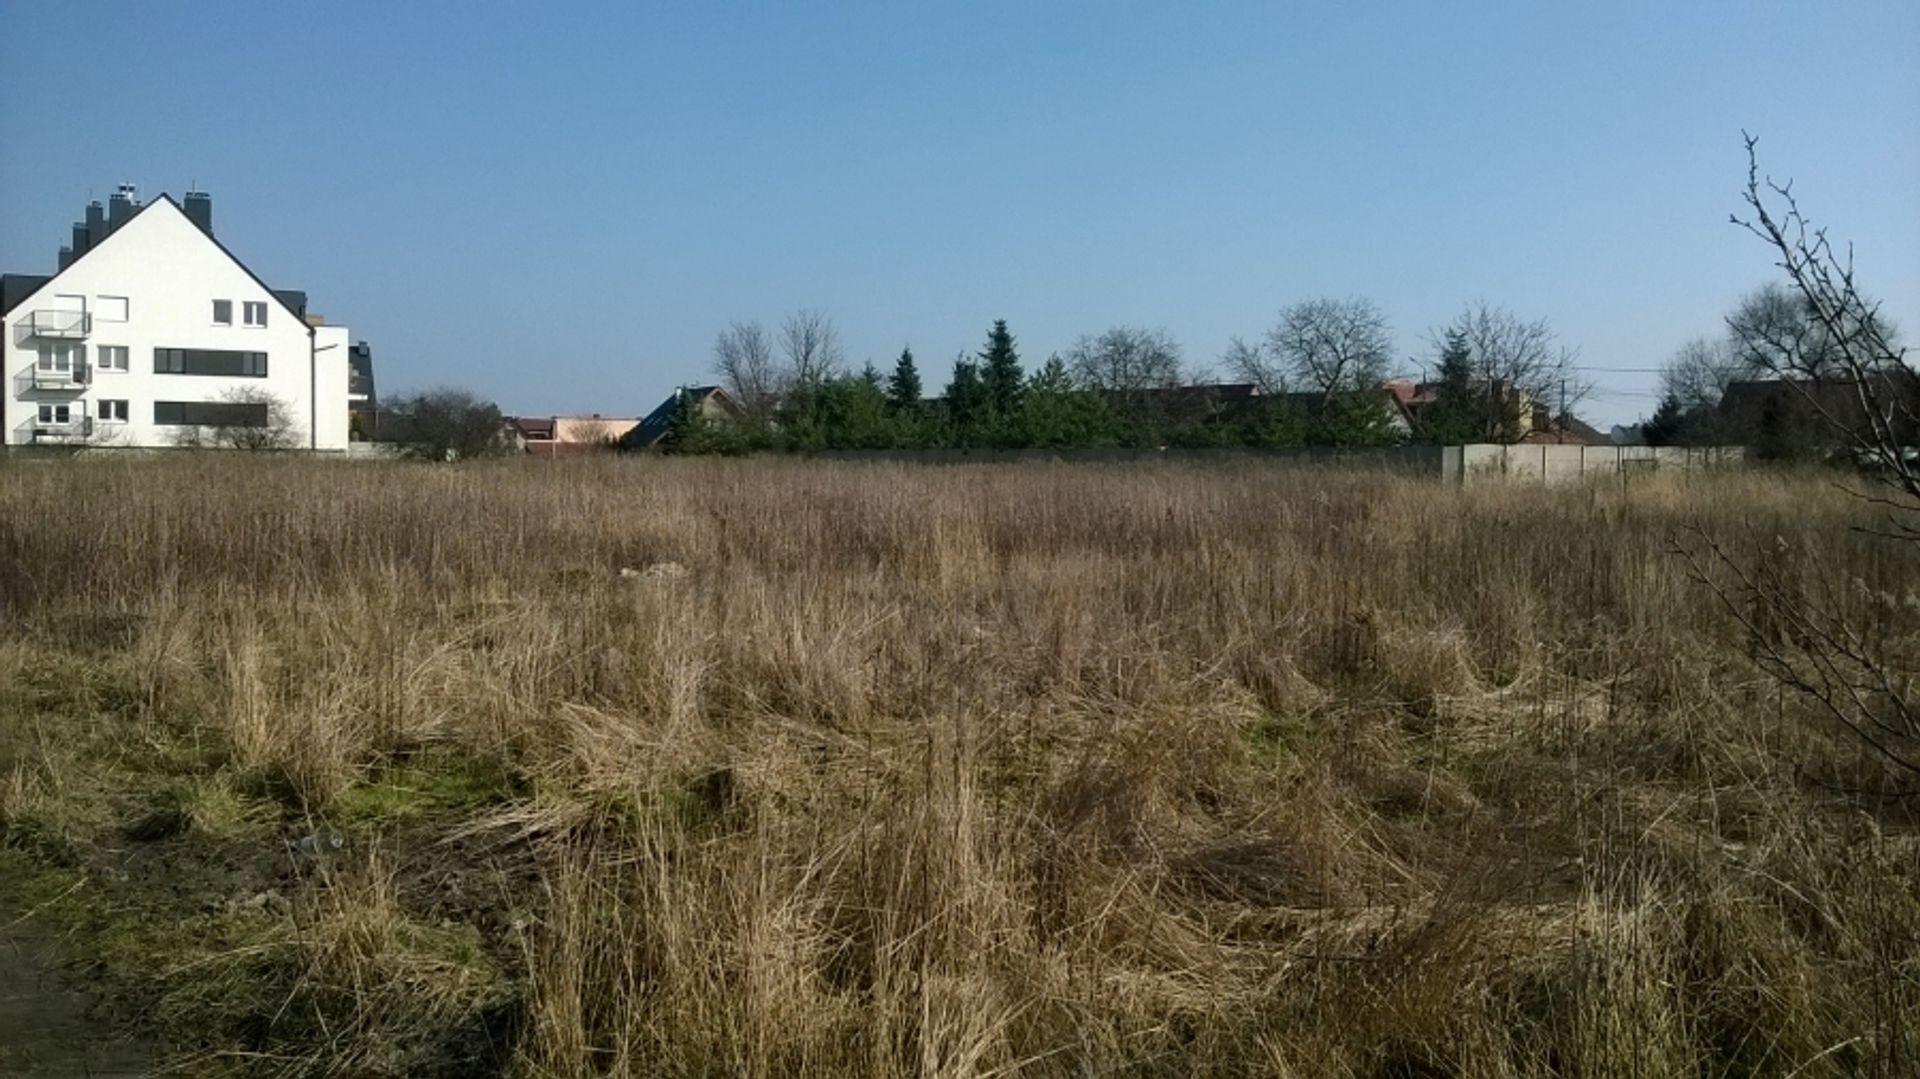 [Wrocław] Budotex wybuduje nowe osiedle mieszkaniowe we Wrocławiu